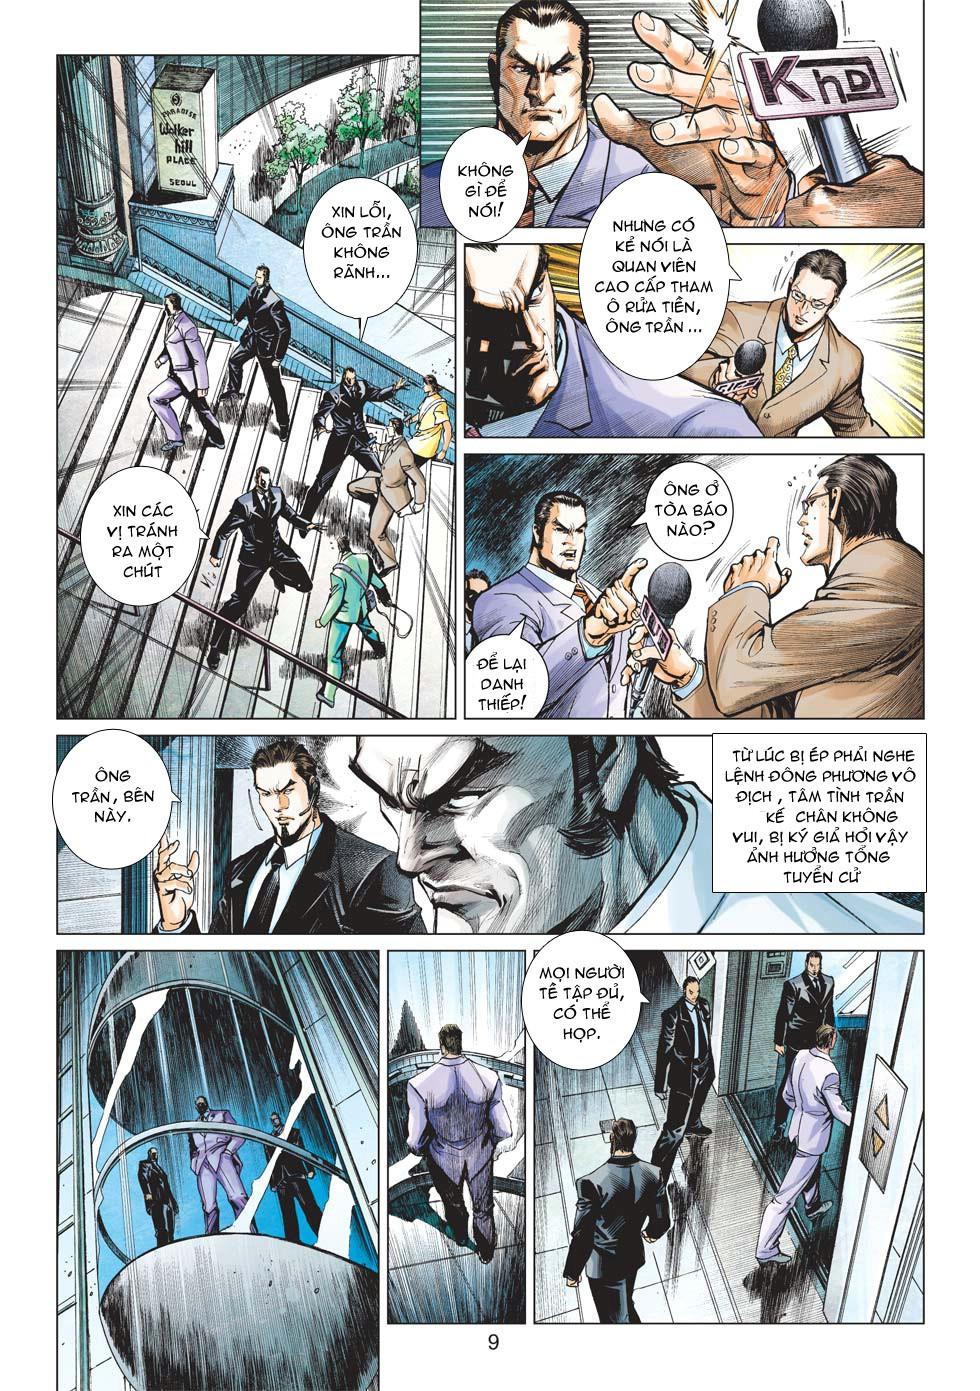 Vương Phong Lôi 1 chap 27 - Trang 8